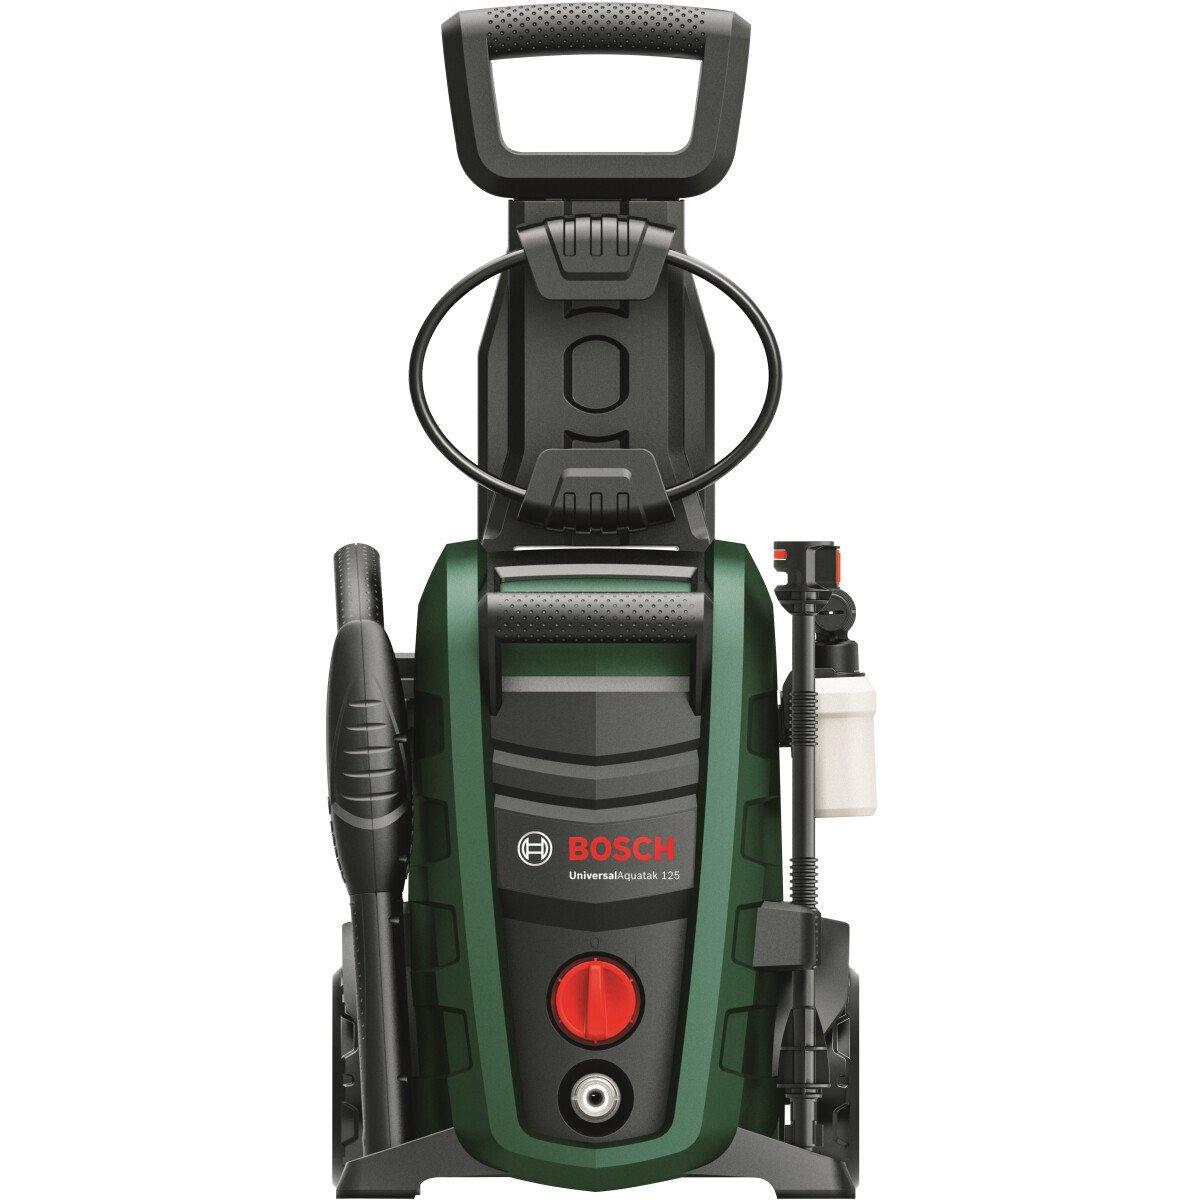 Bosch UniversalAquatak 125 1500W 125 Bar High-pressure washer